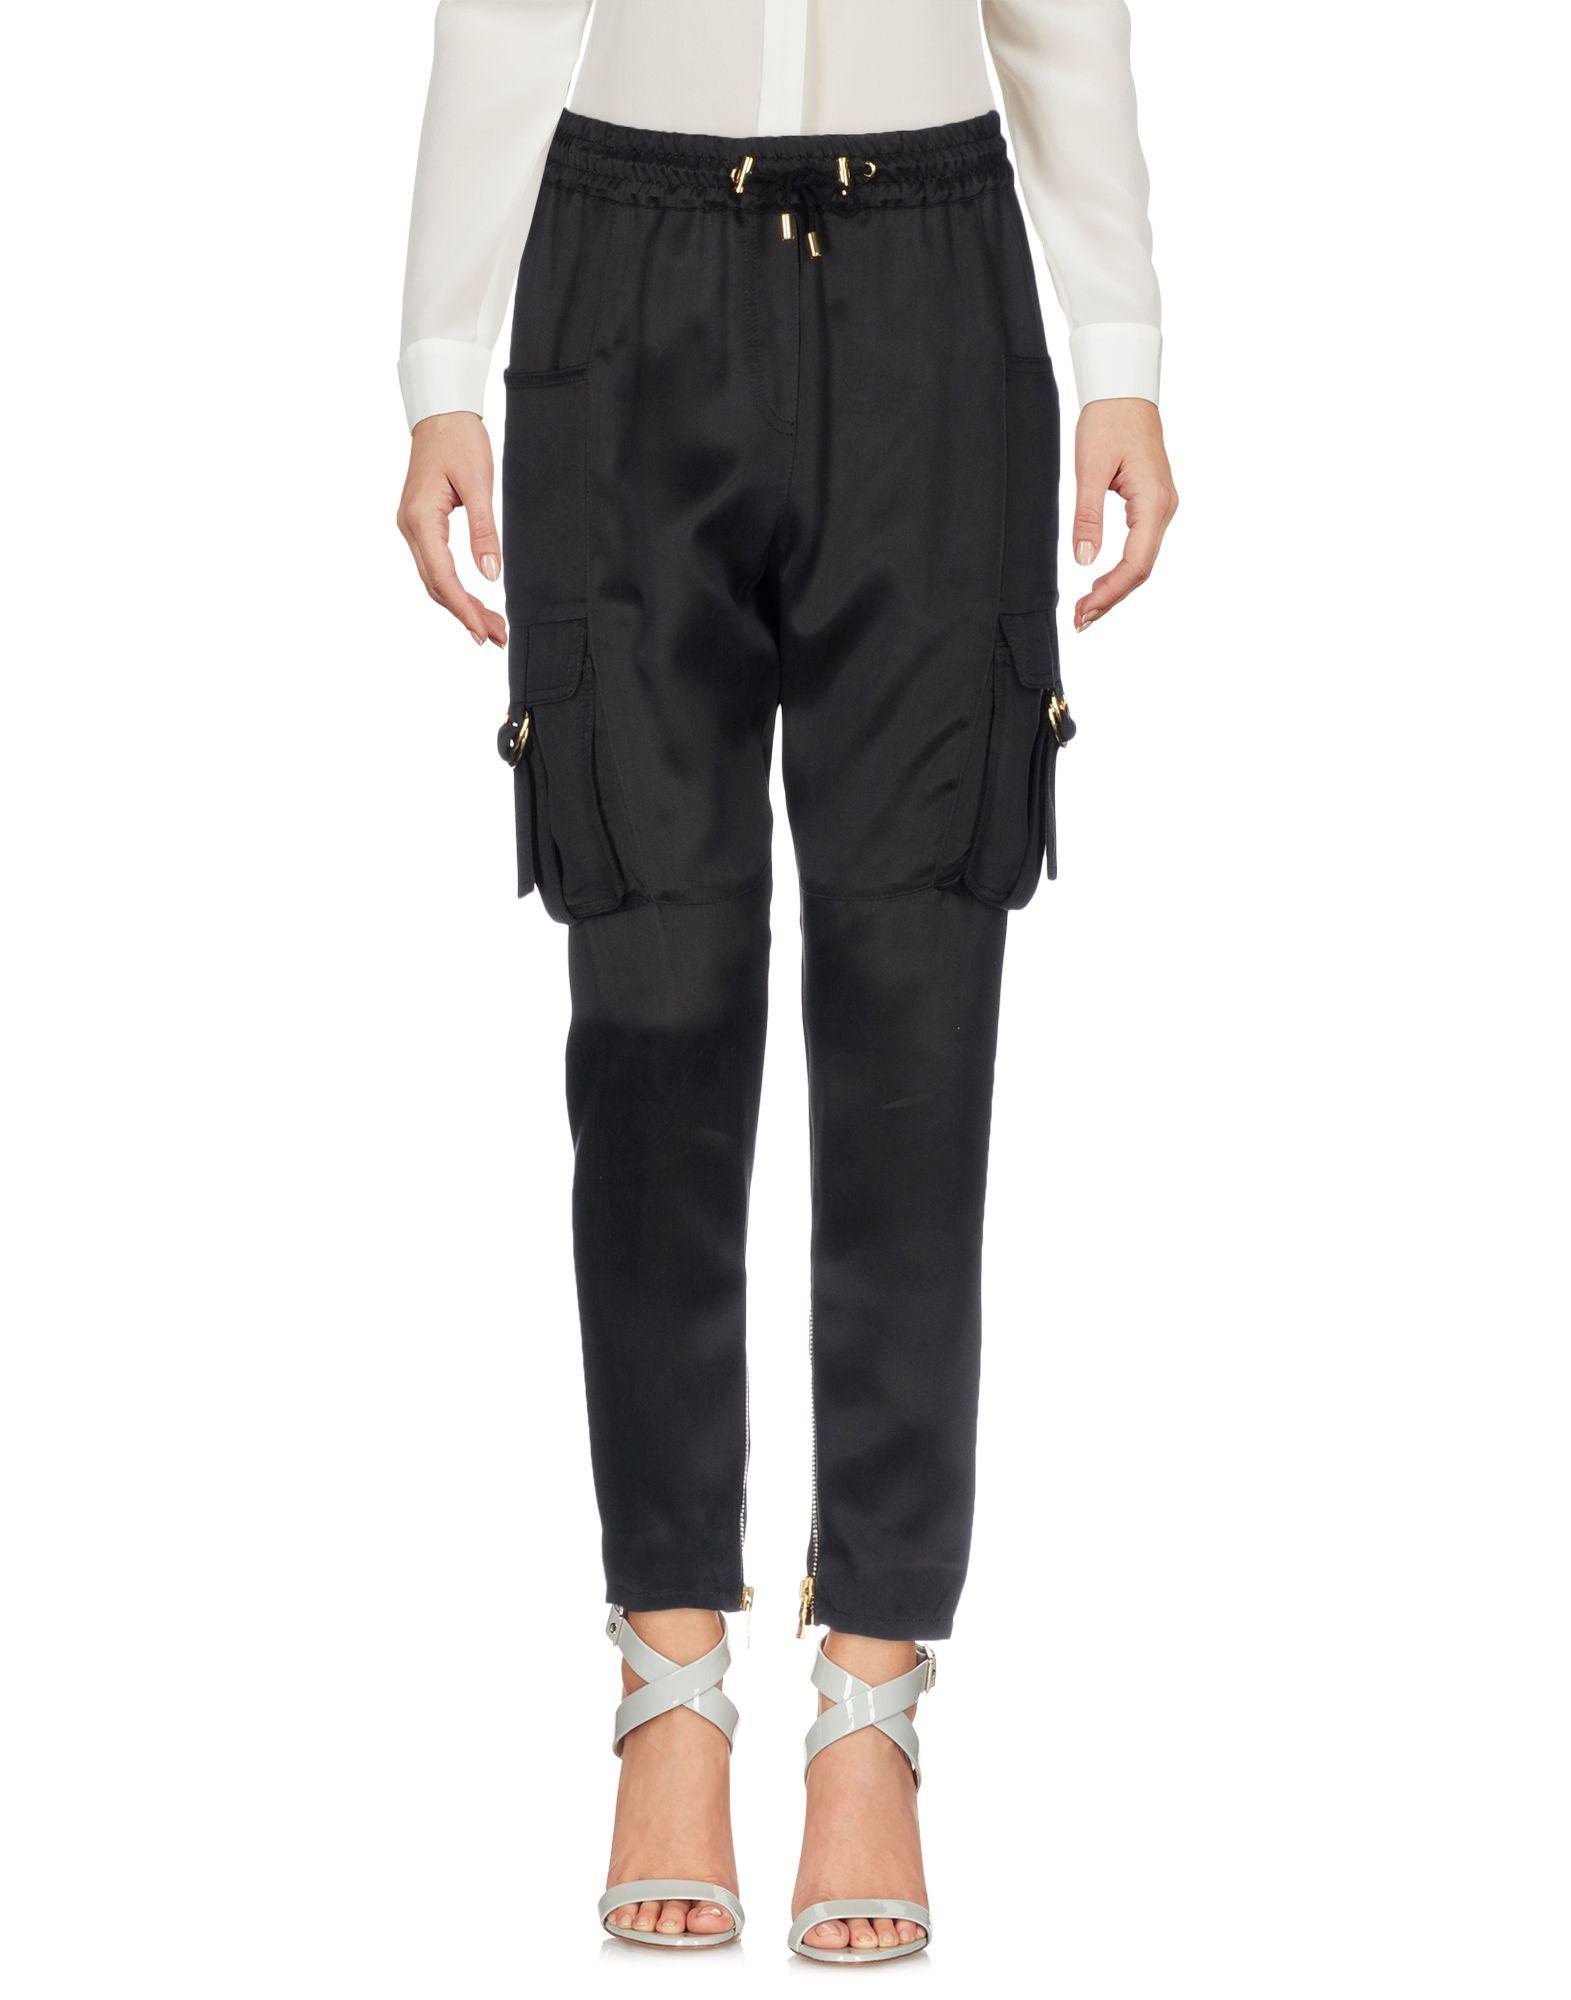 Pantalone Balmain damen - 13139968PE